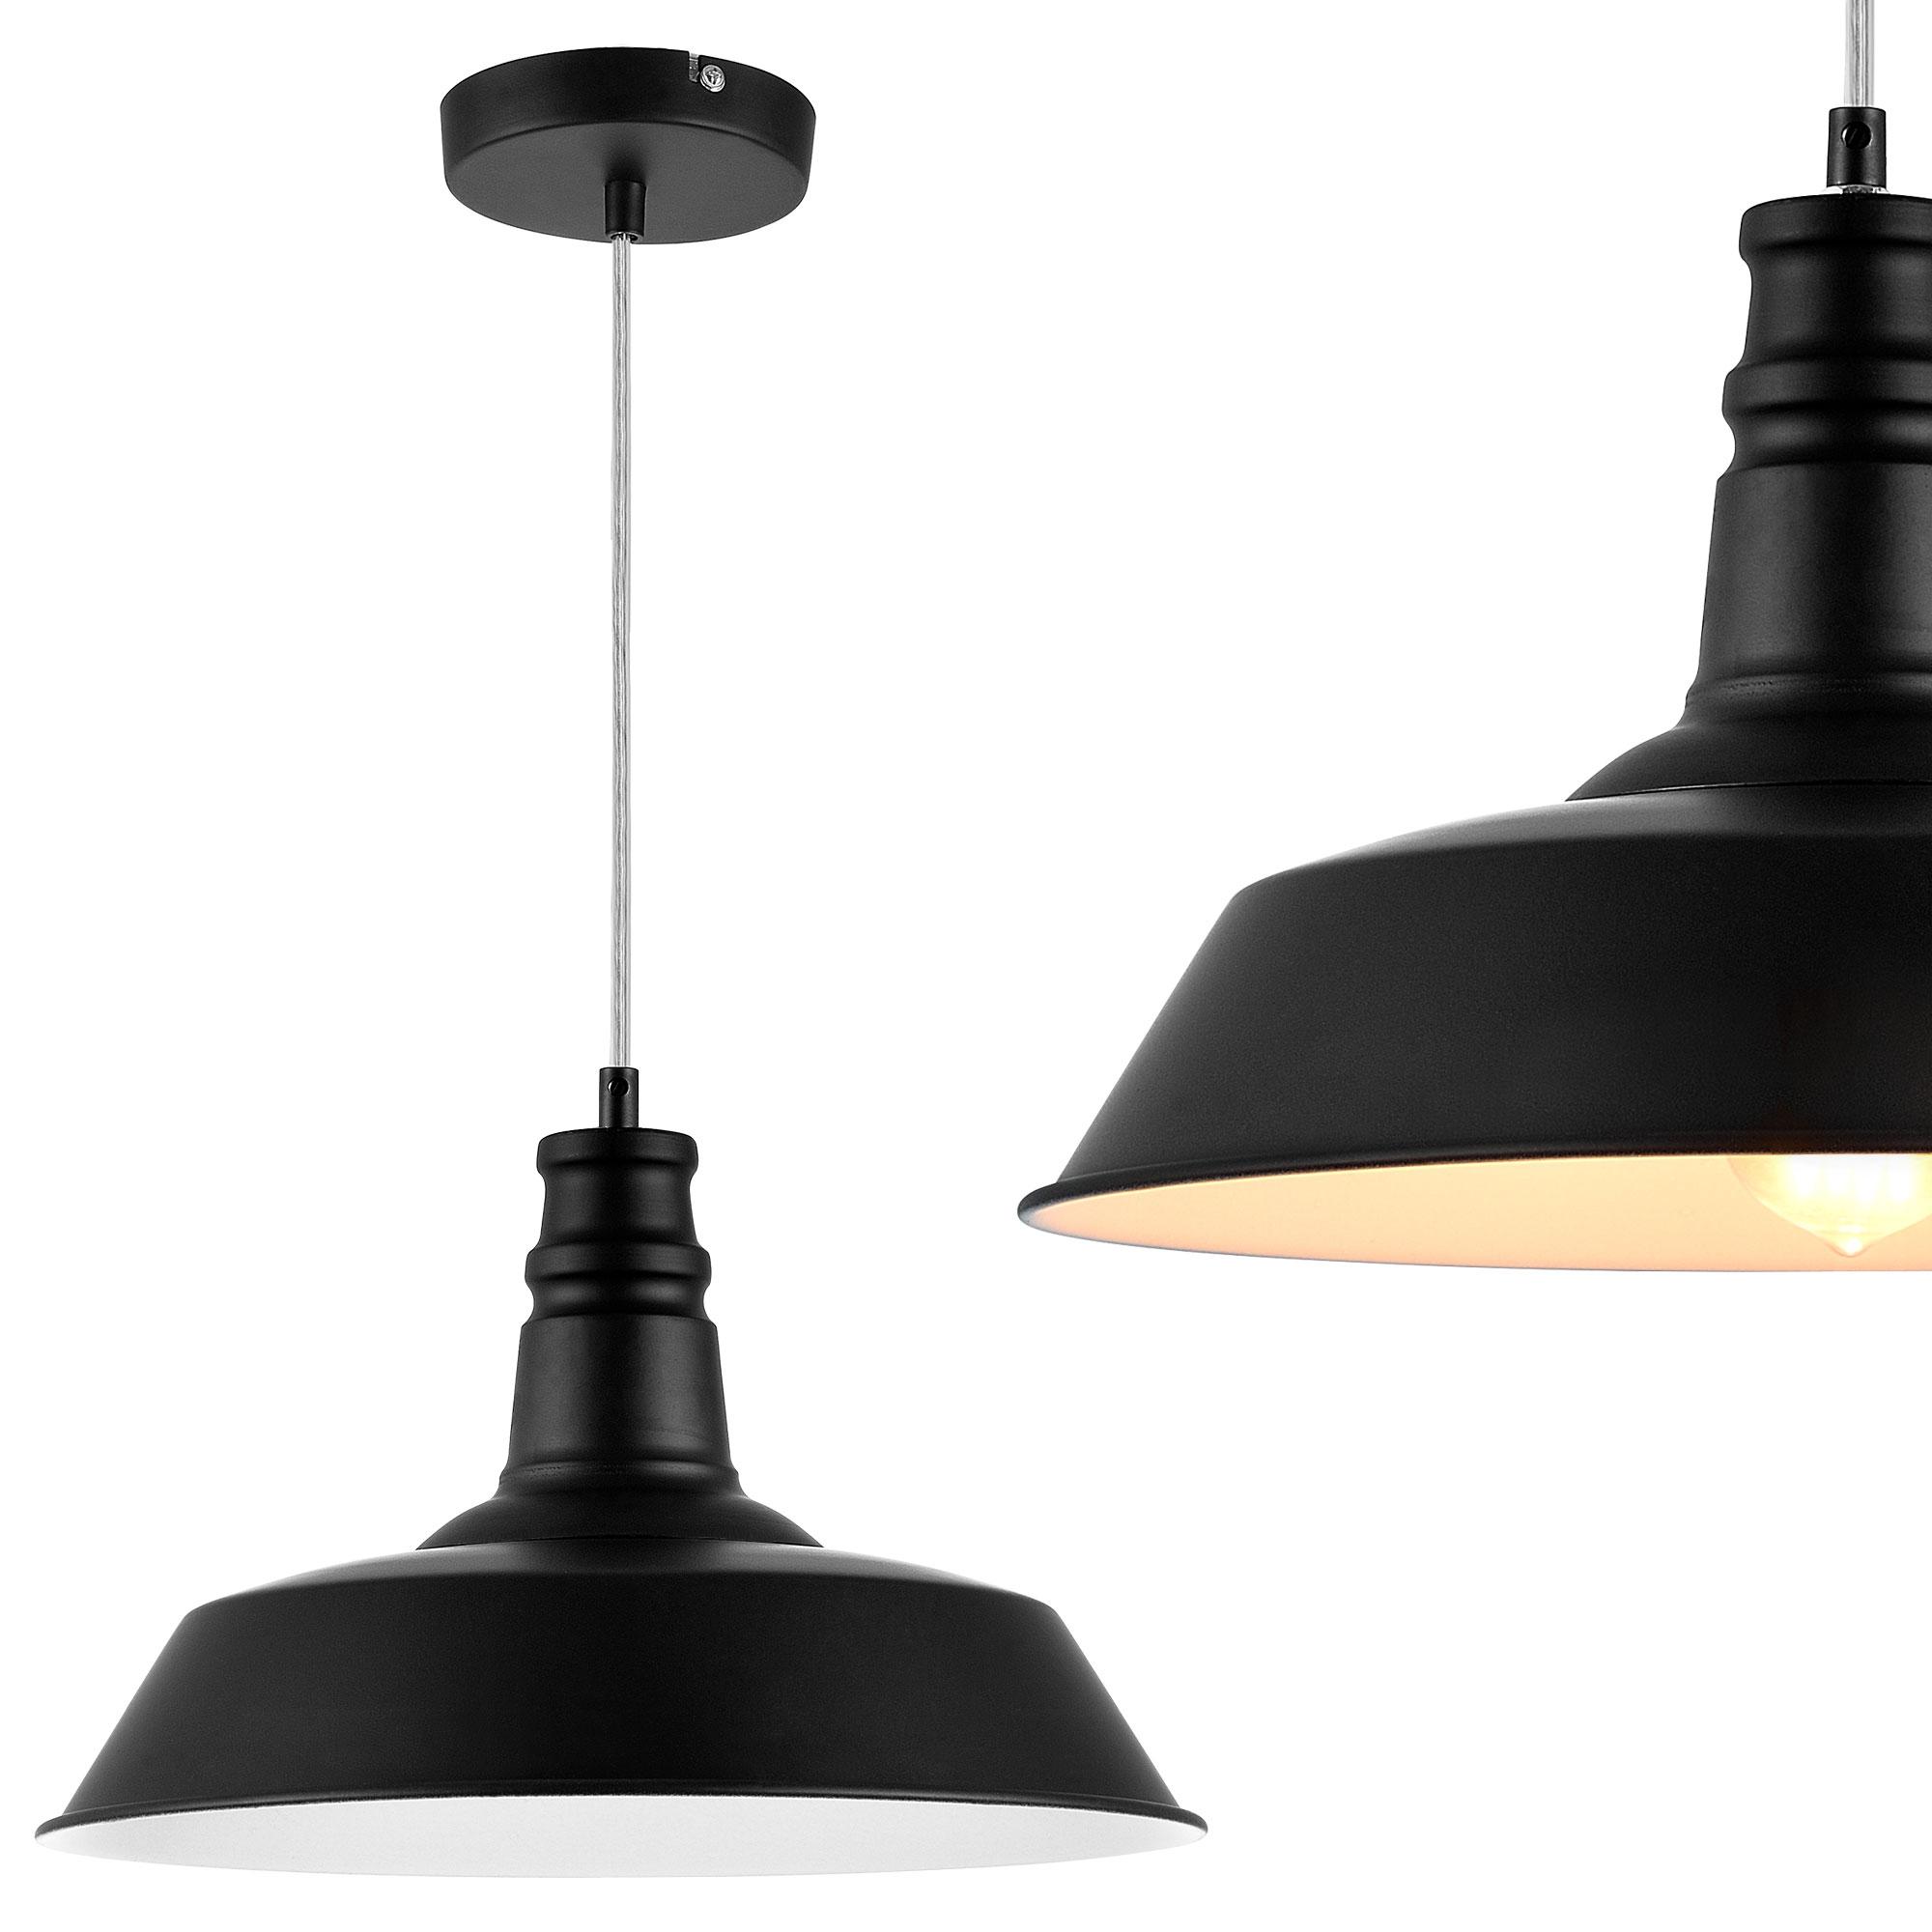 [lux.pro]® Dekoratívní designové závěsné svítidlo / stropní svítidlo - černo-bílé (1 x E27)